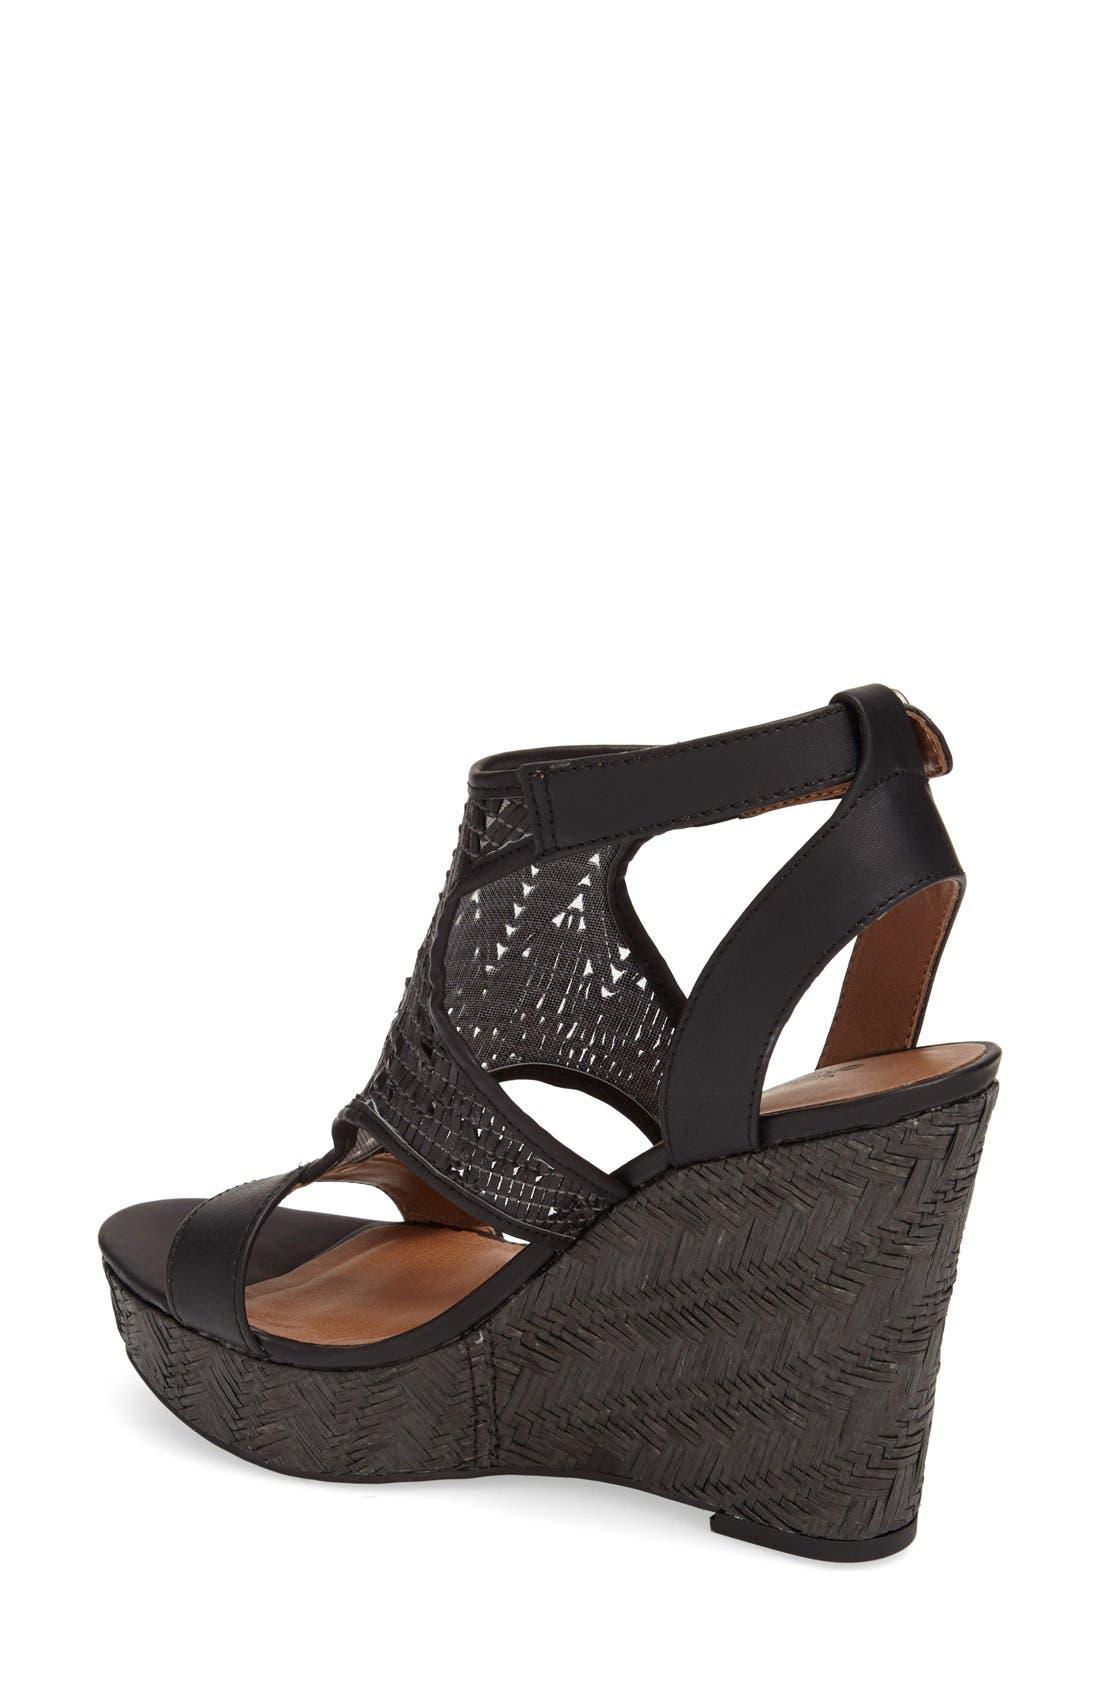 Alternate Image 2  - Lucky Brand 'Laffertie' T-Strap Wedge Sandal (Women)